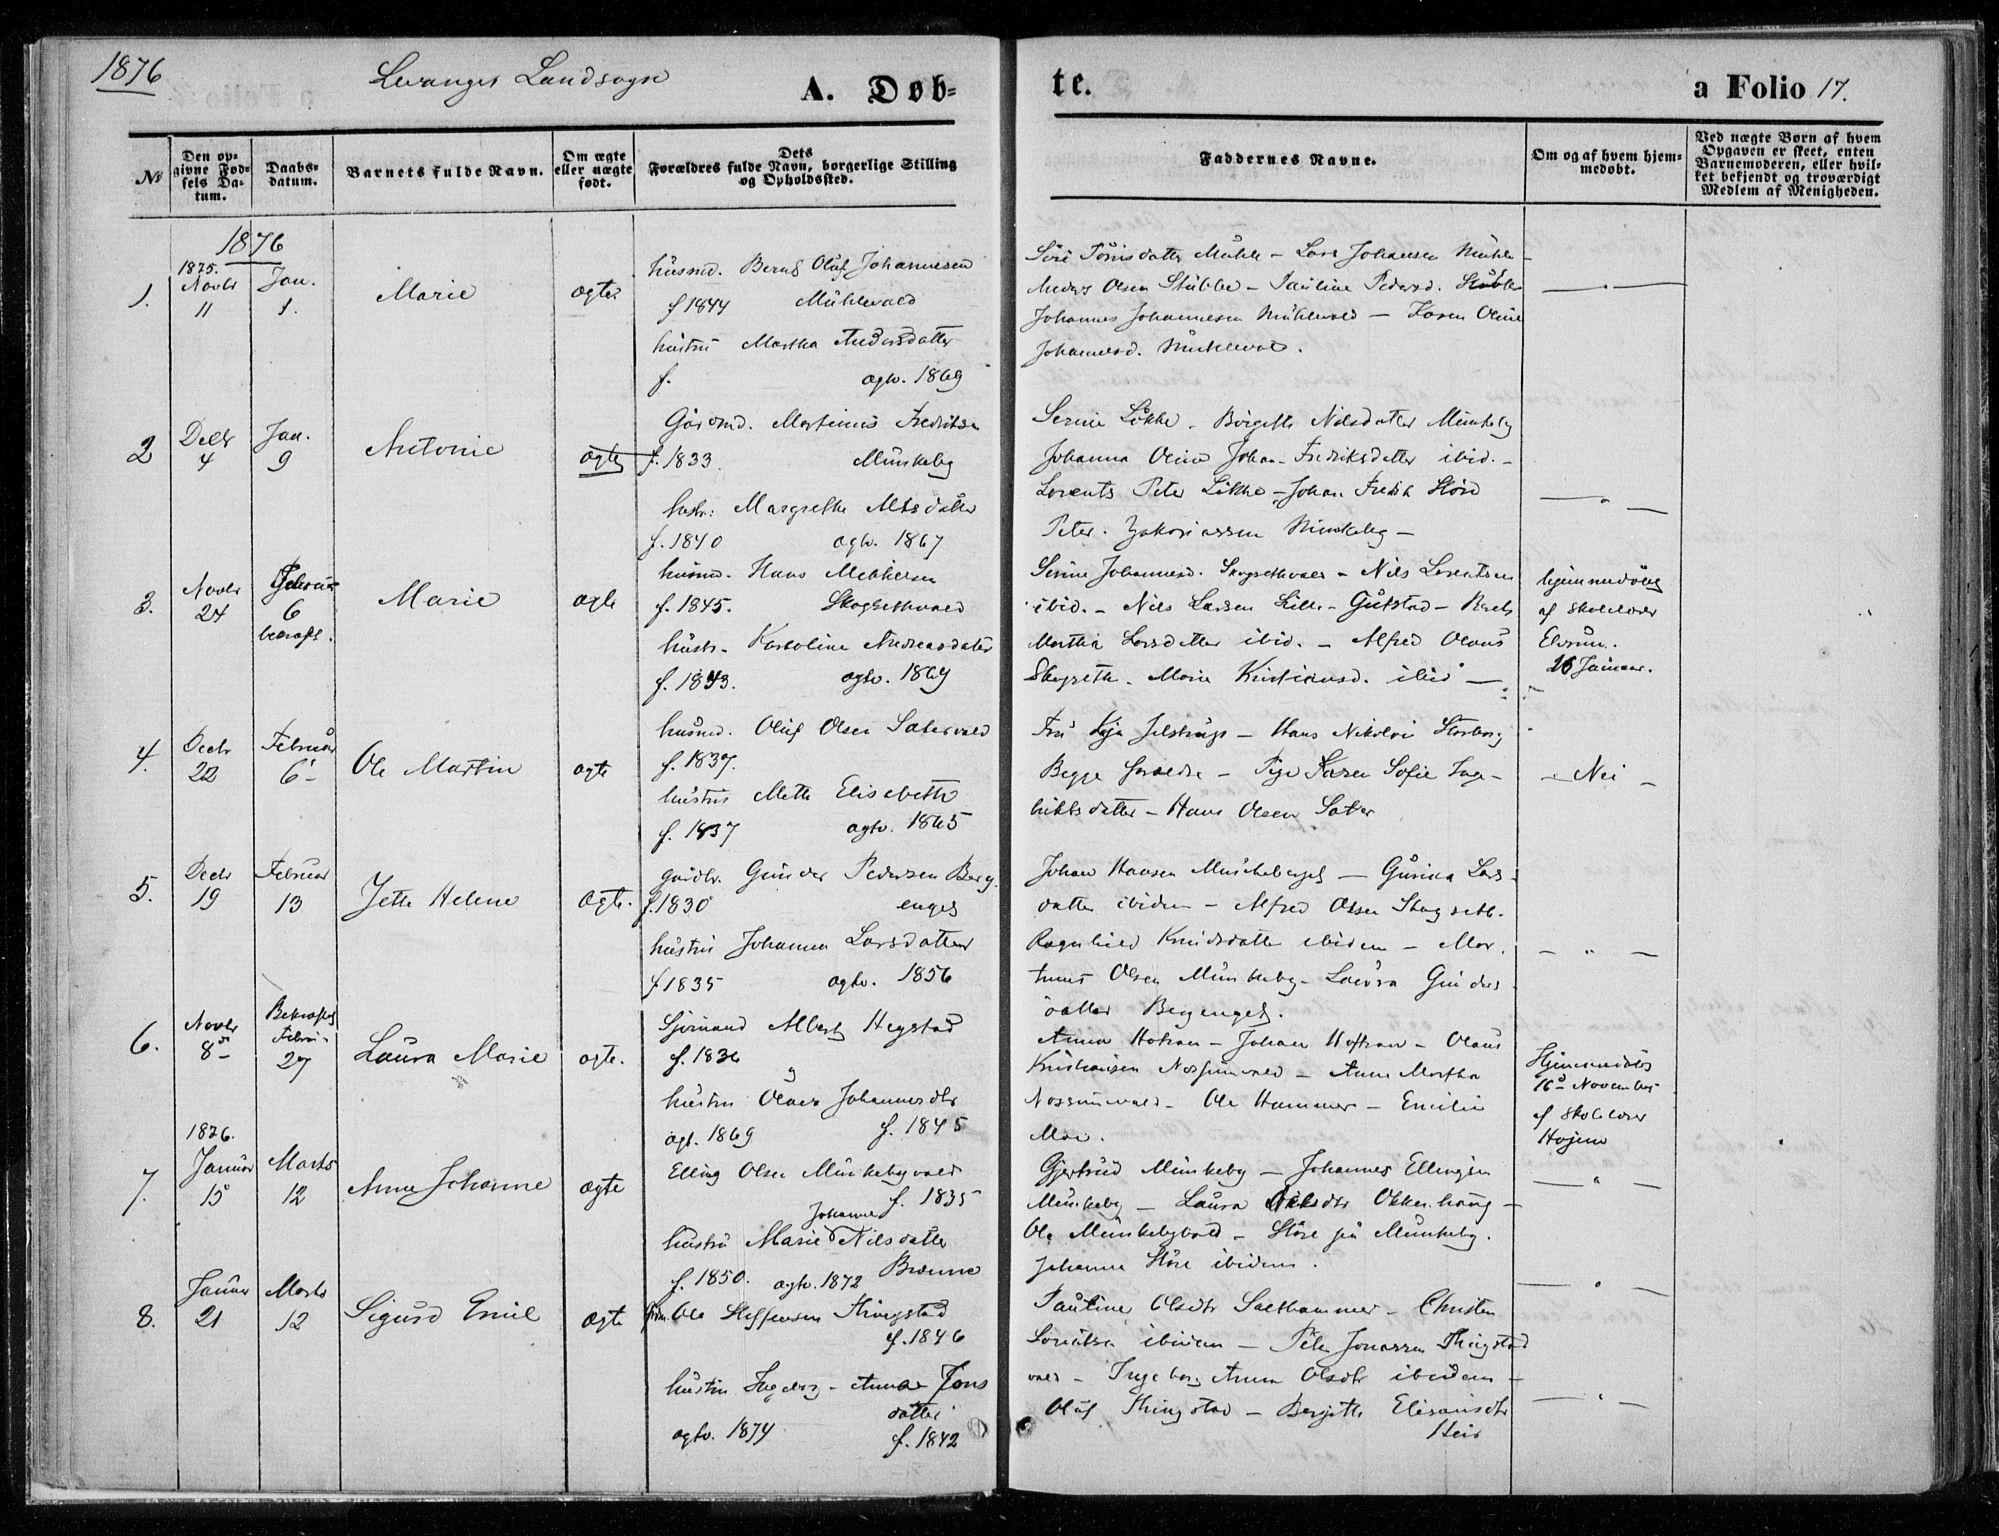 SAT, Ministerialprotokoller, klokkerbøker og fødselsregistre - Nord-Trøndelag, 720/L0187: Ministerialbok nr. 720A04 /2, 1875-1879, s. 17